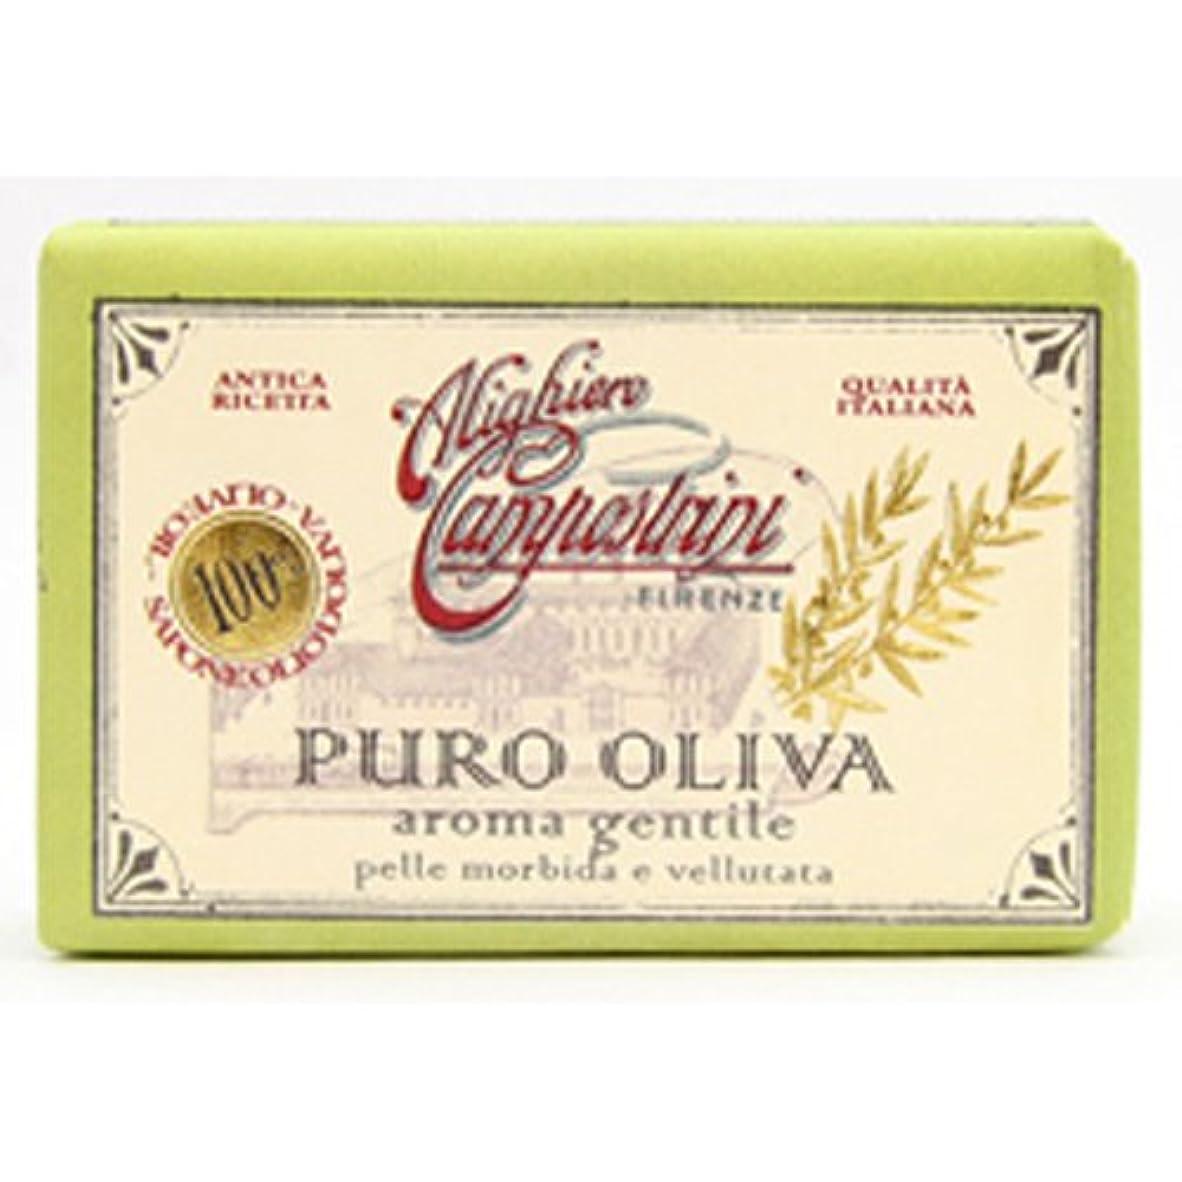 ブロンズ国民投票安西Saponerire Fissi サポネリーフィッシー PURO OLIVA Soap オリーブオイル ピュロ ソープ Aroma gentile ジェントル(グリーン)